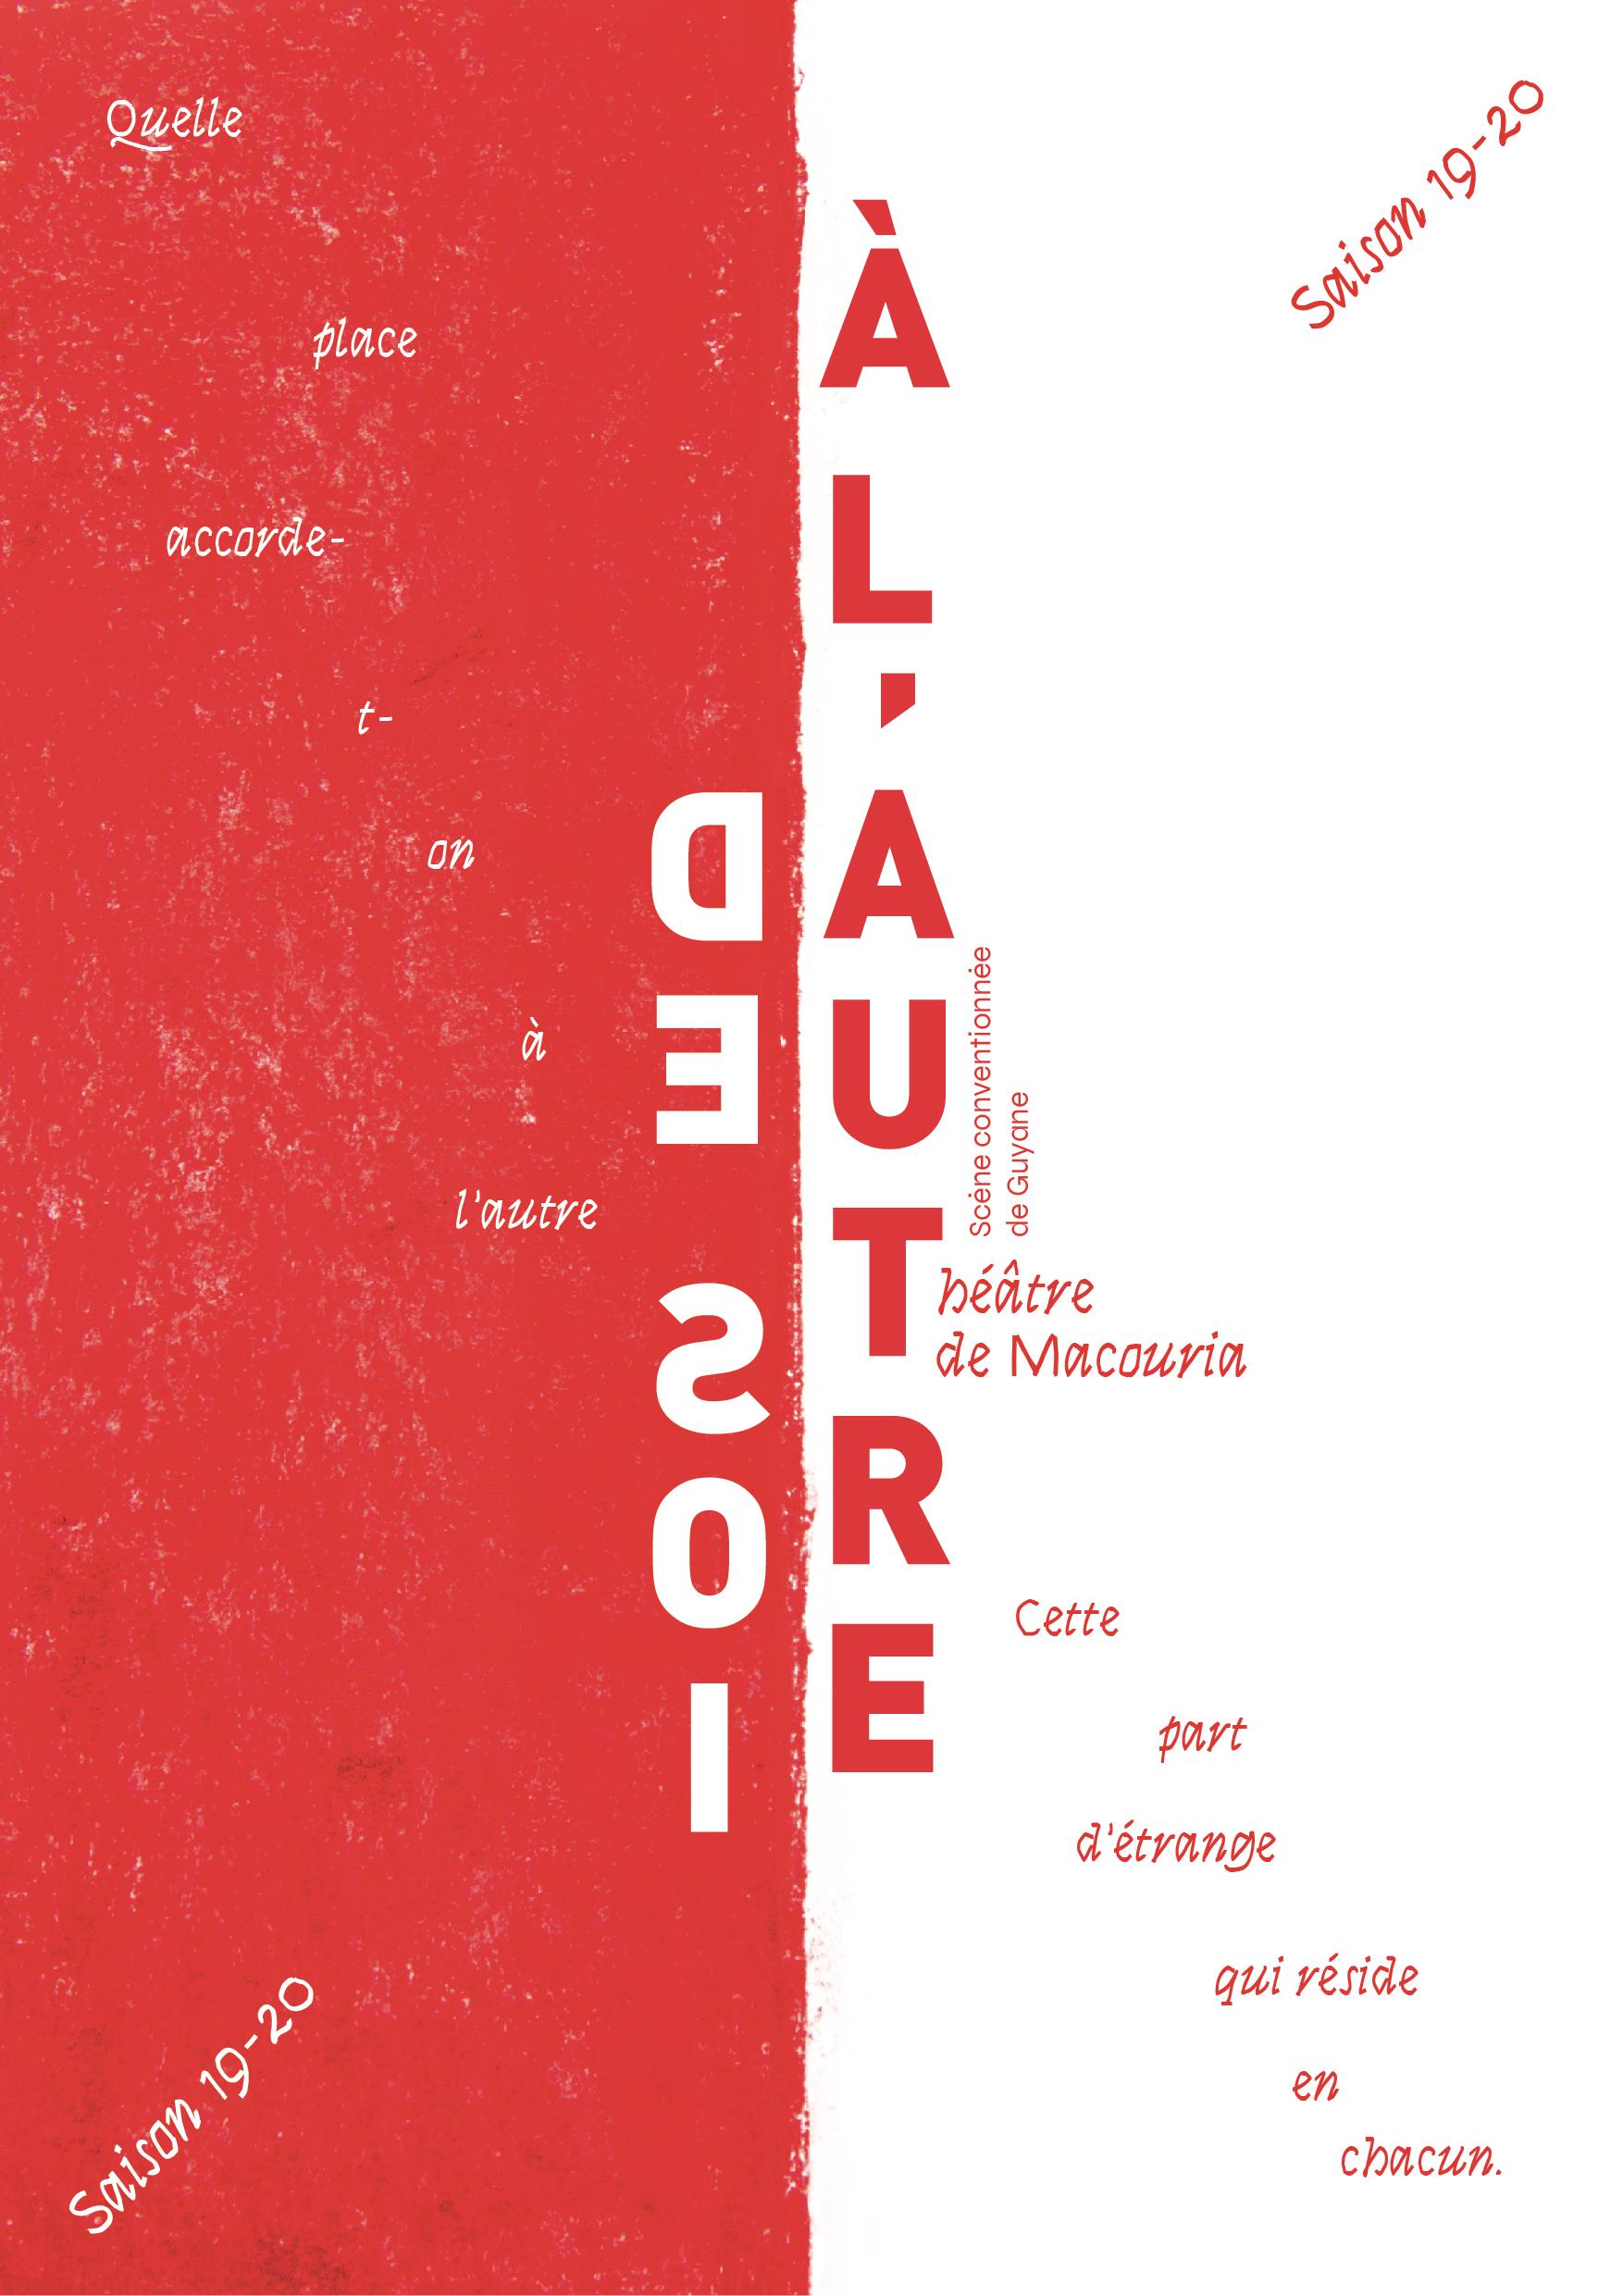 Affiche saison 19-20 du Théâtre de Macouria